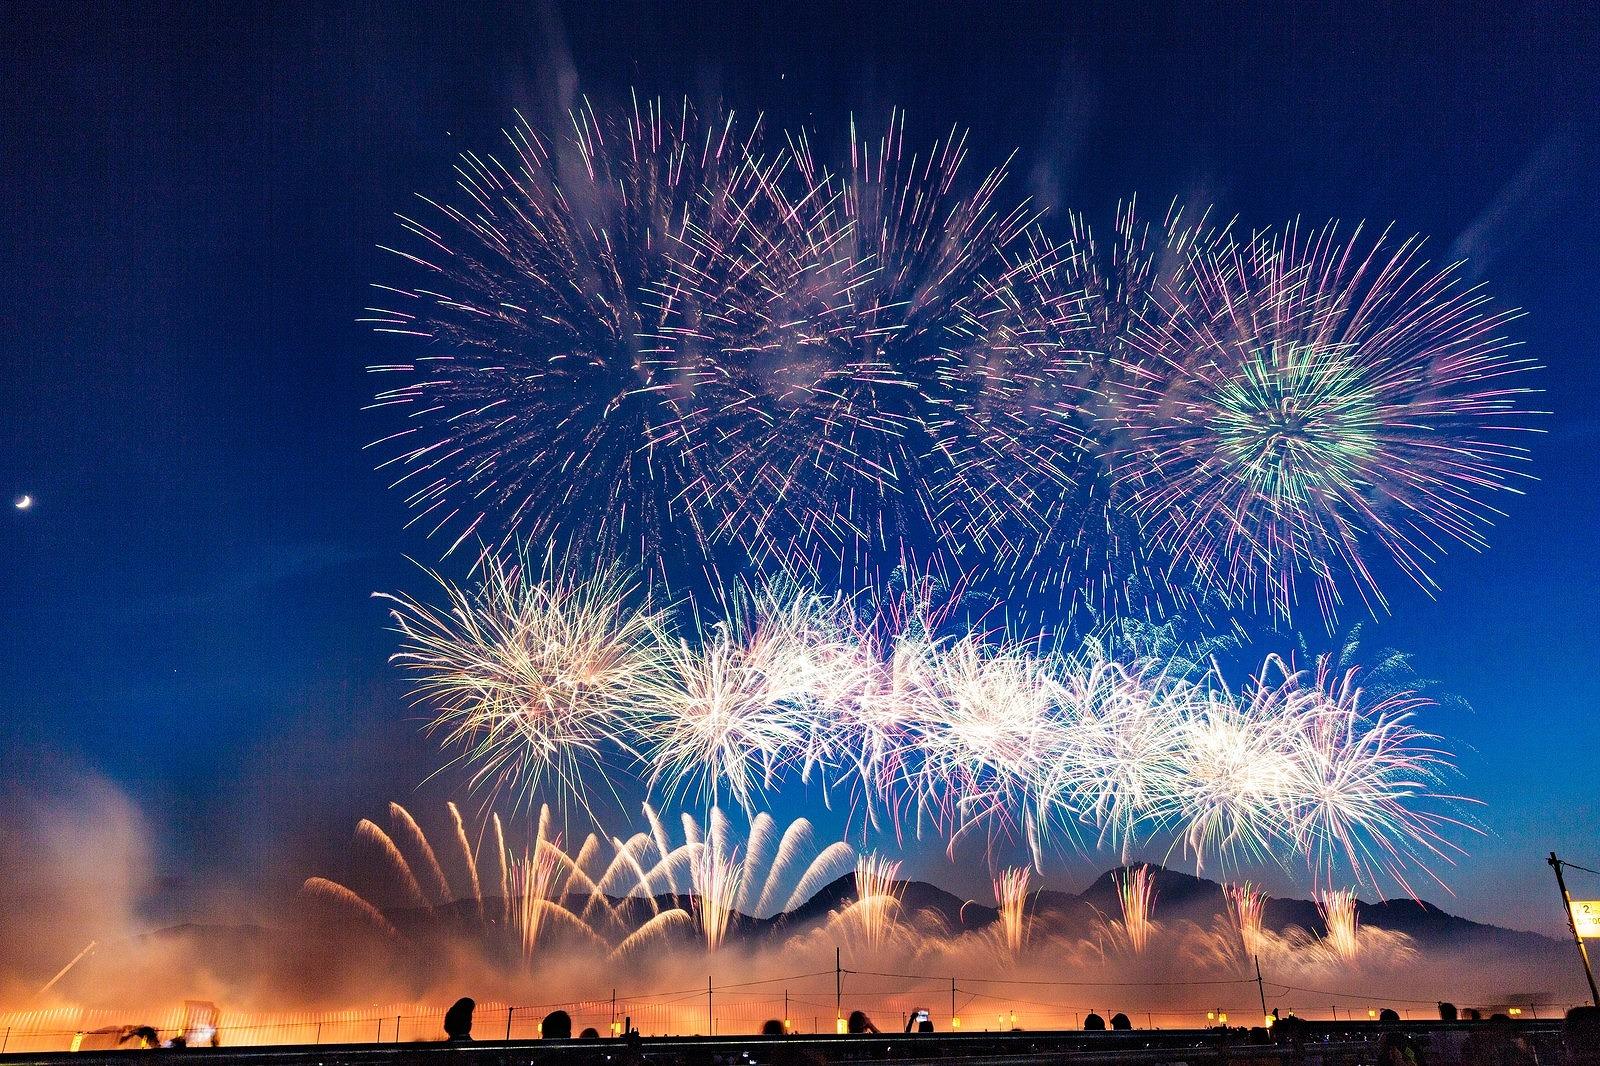 【※11/11に順延となりました】「西宮花火大会2018」で24年ぶりに西宮の夜空に 大きな花火が打ち上がるよ! #西宮花火大会 #クラウドファンディング #新西宮ヨットハーバー #花火大会 #西宮市